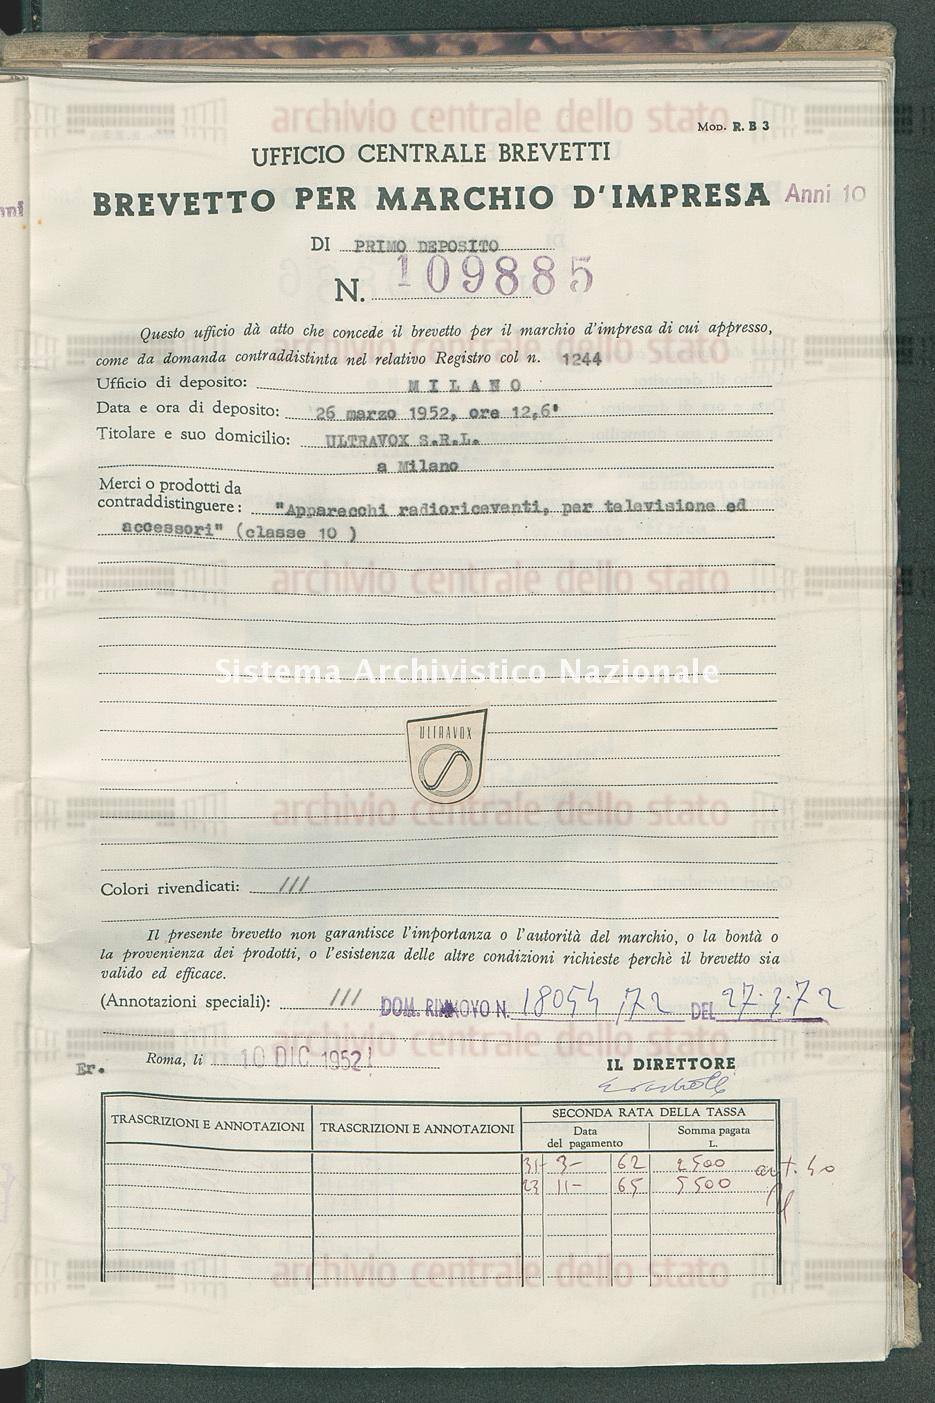 'Apparecchi radioriceventi, per televisione ed accessori' Ultravox S.R.L. (10/12/1952)